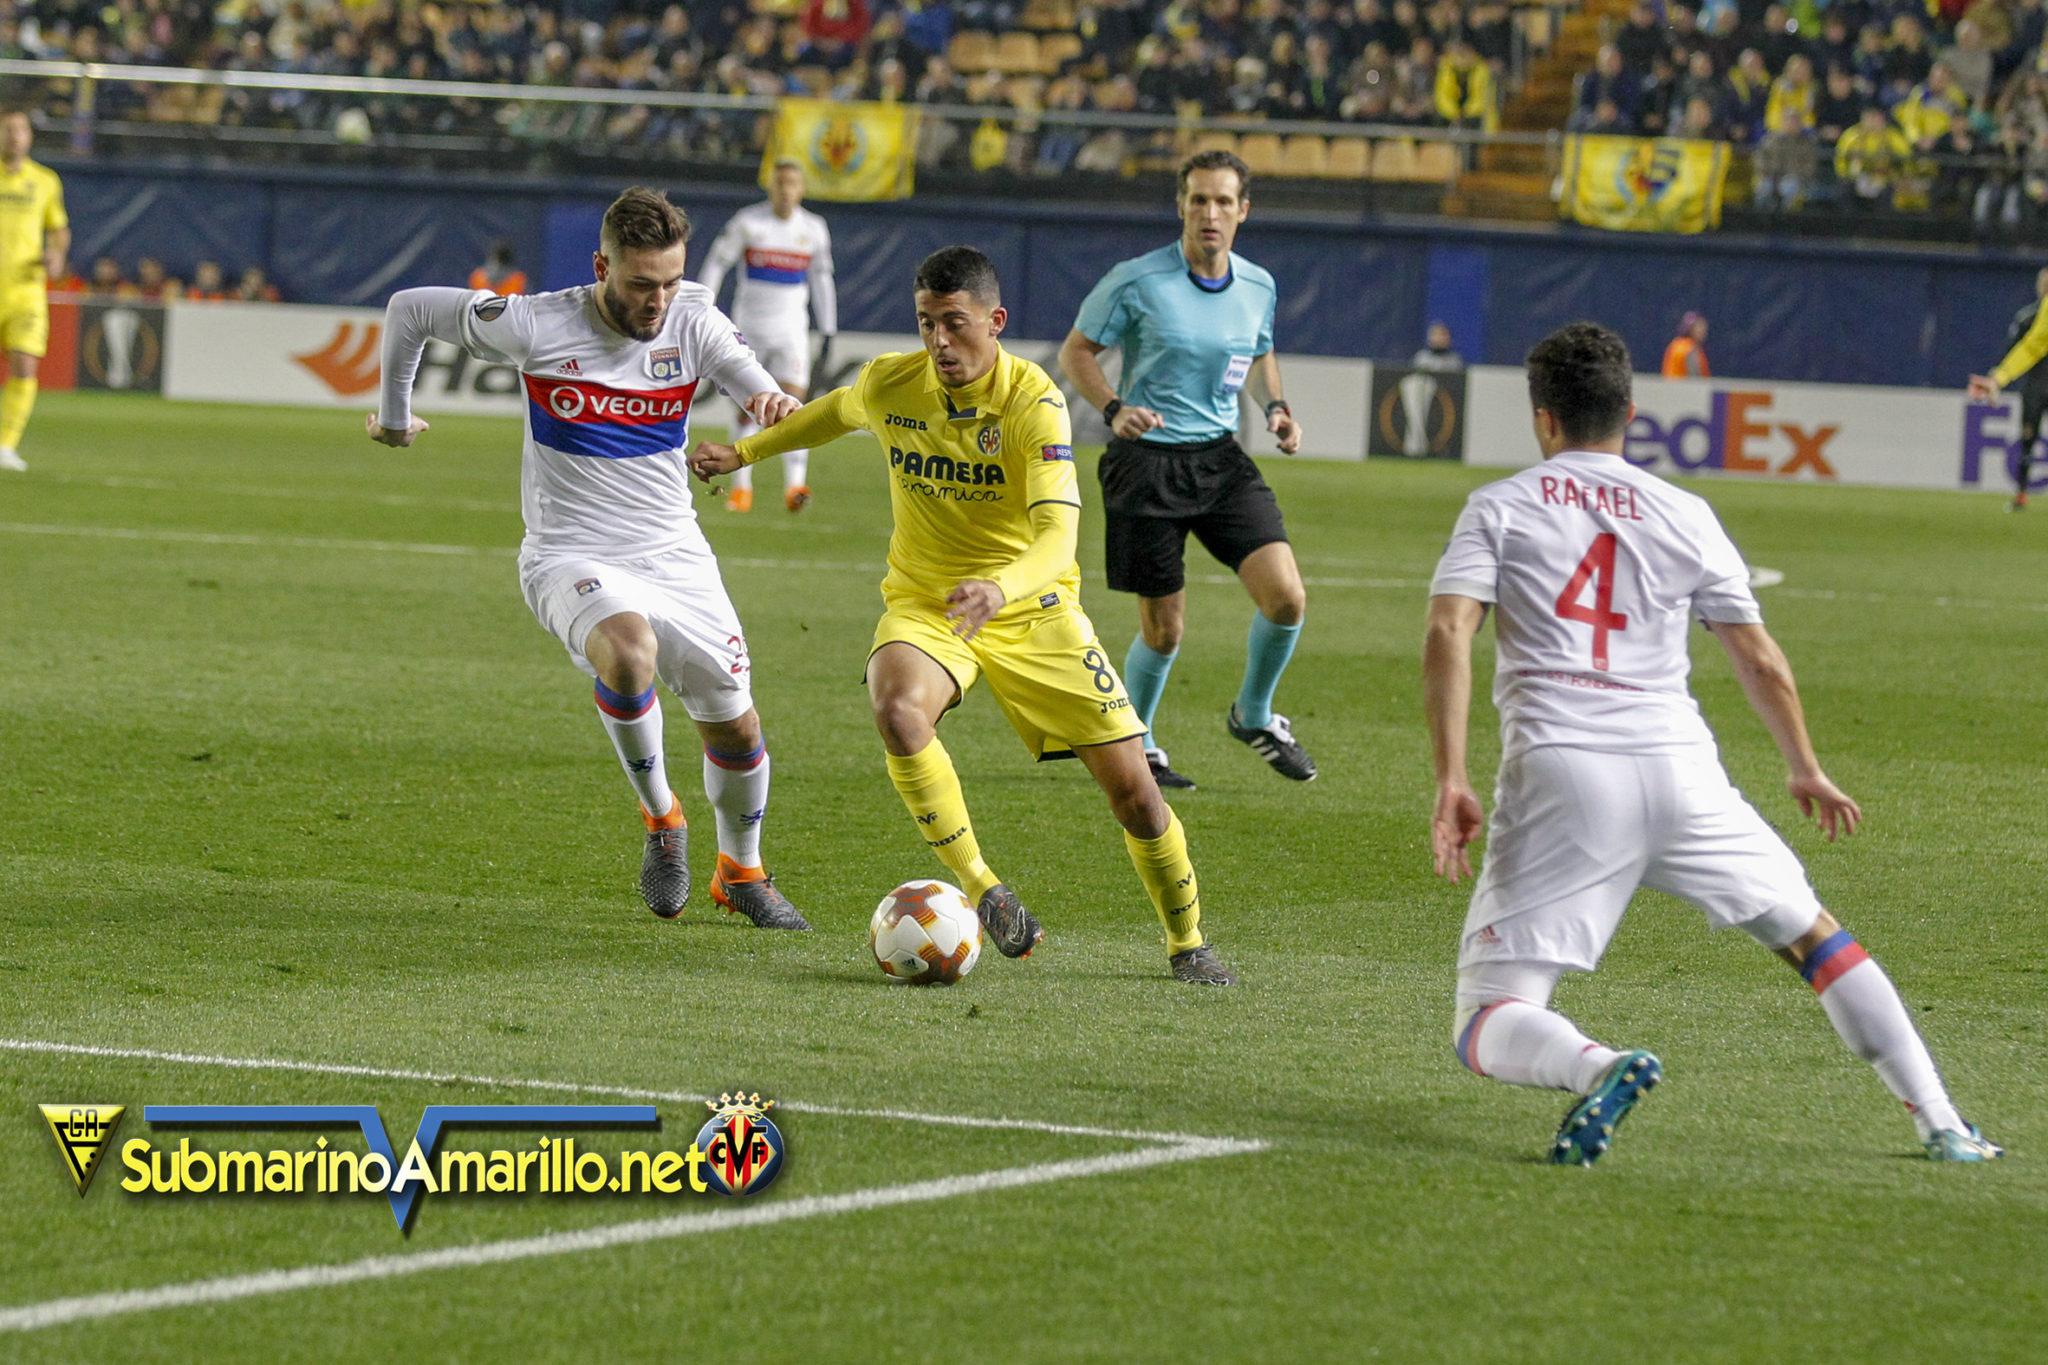 Fotos del Villarreal-Olympique